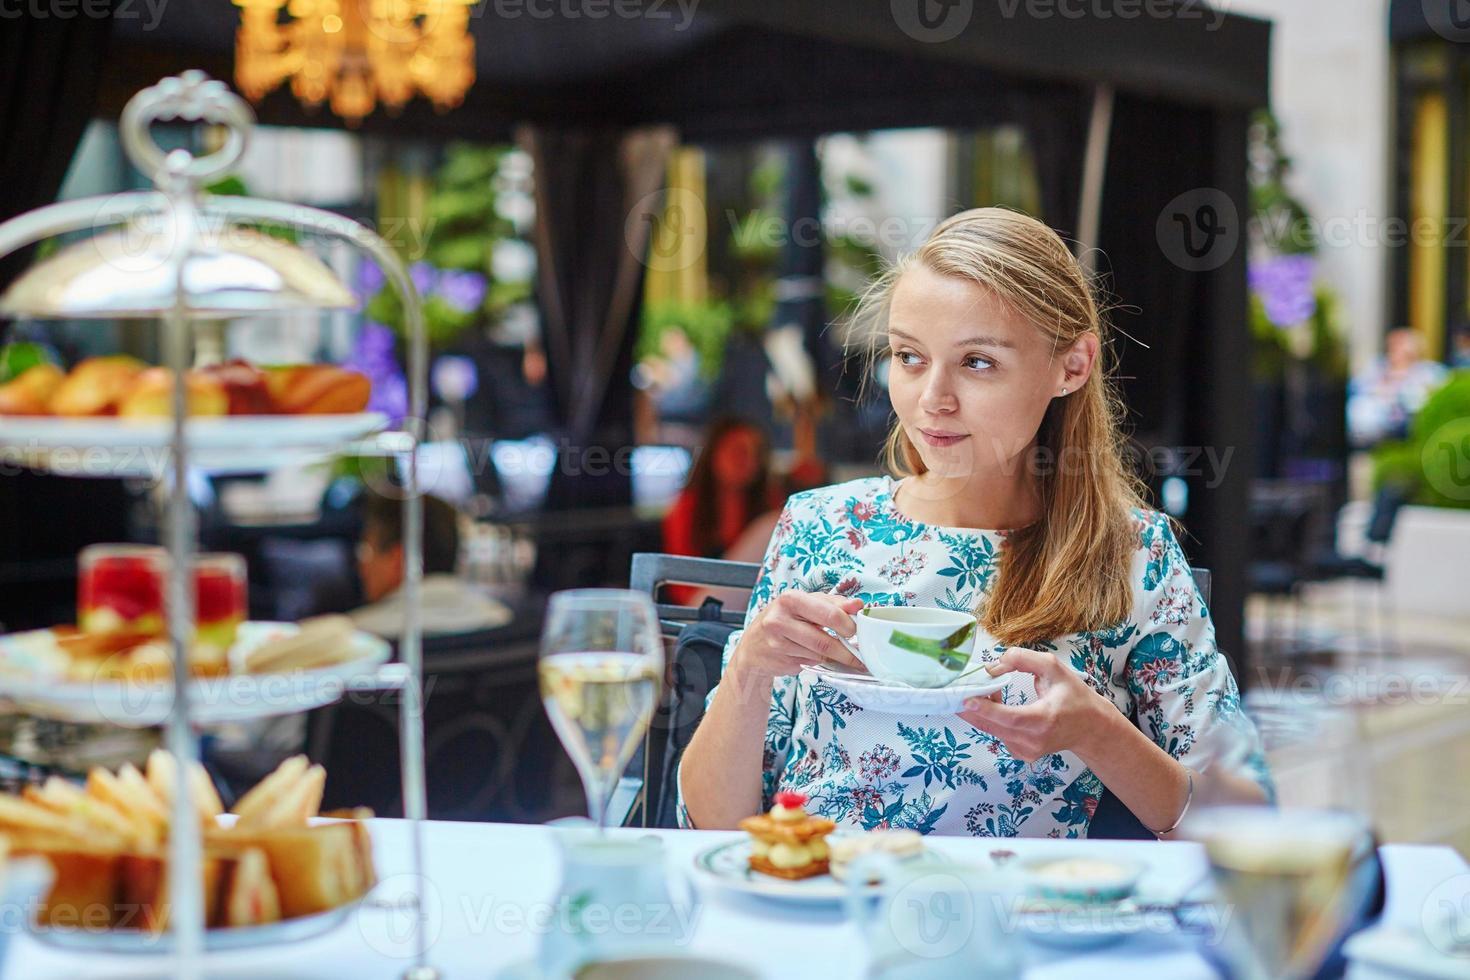 schöne junge Frau, die Nachmittagstee genießt foto